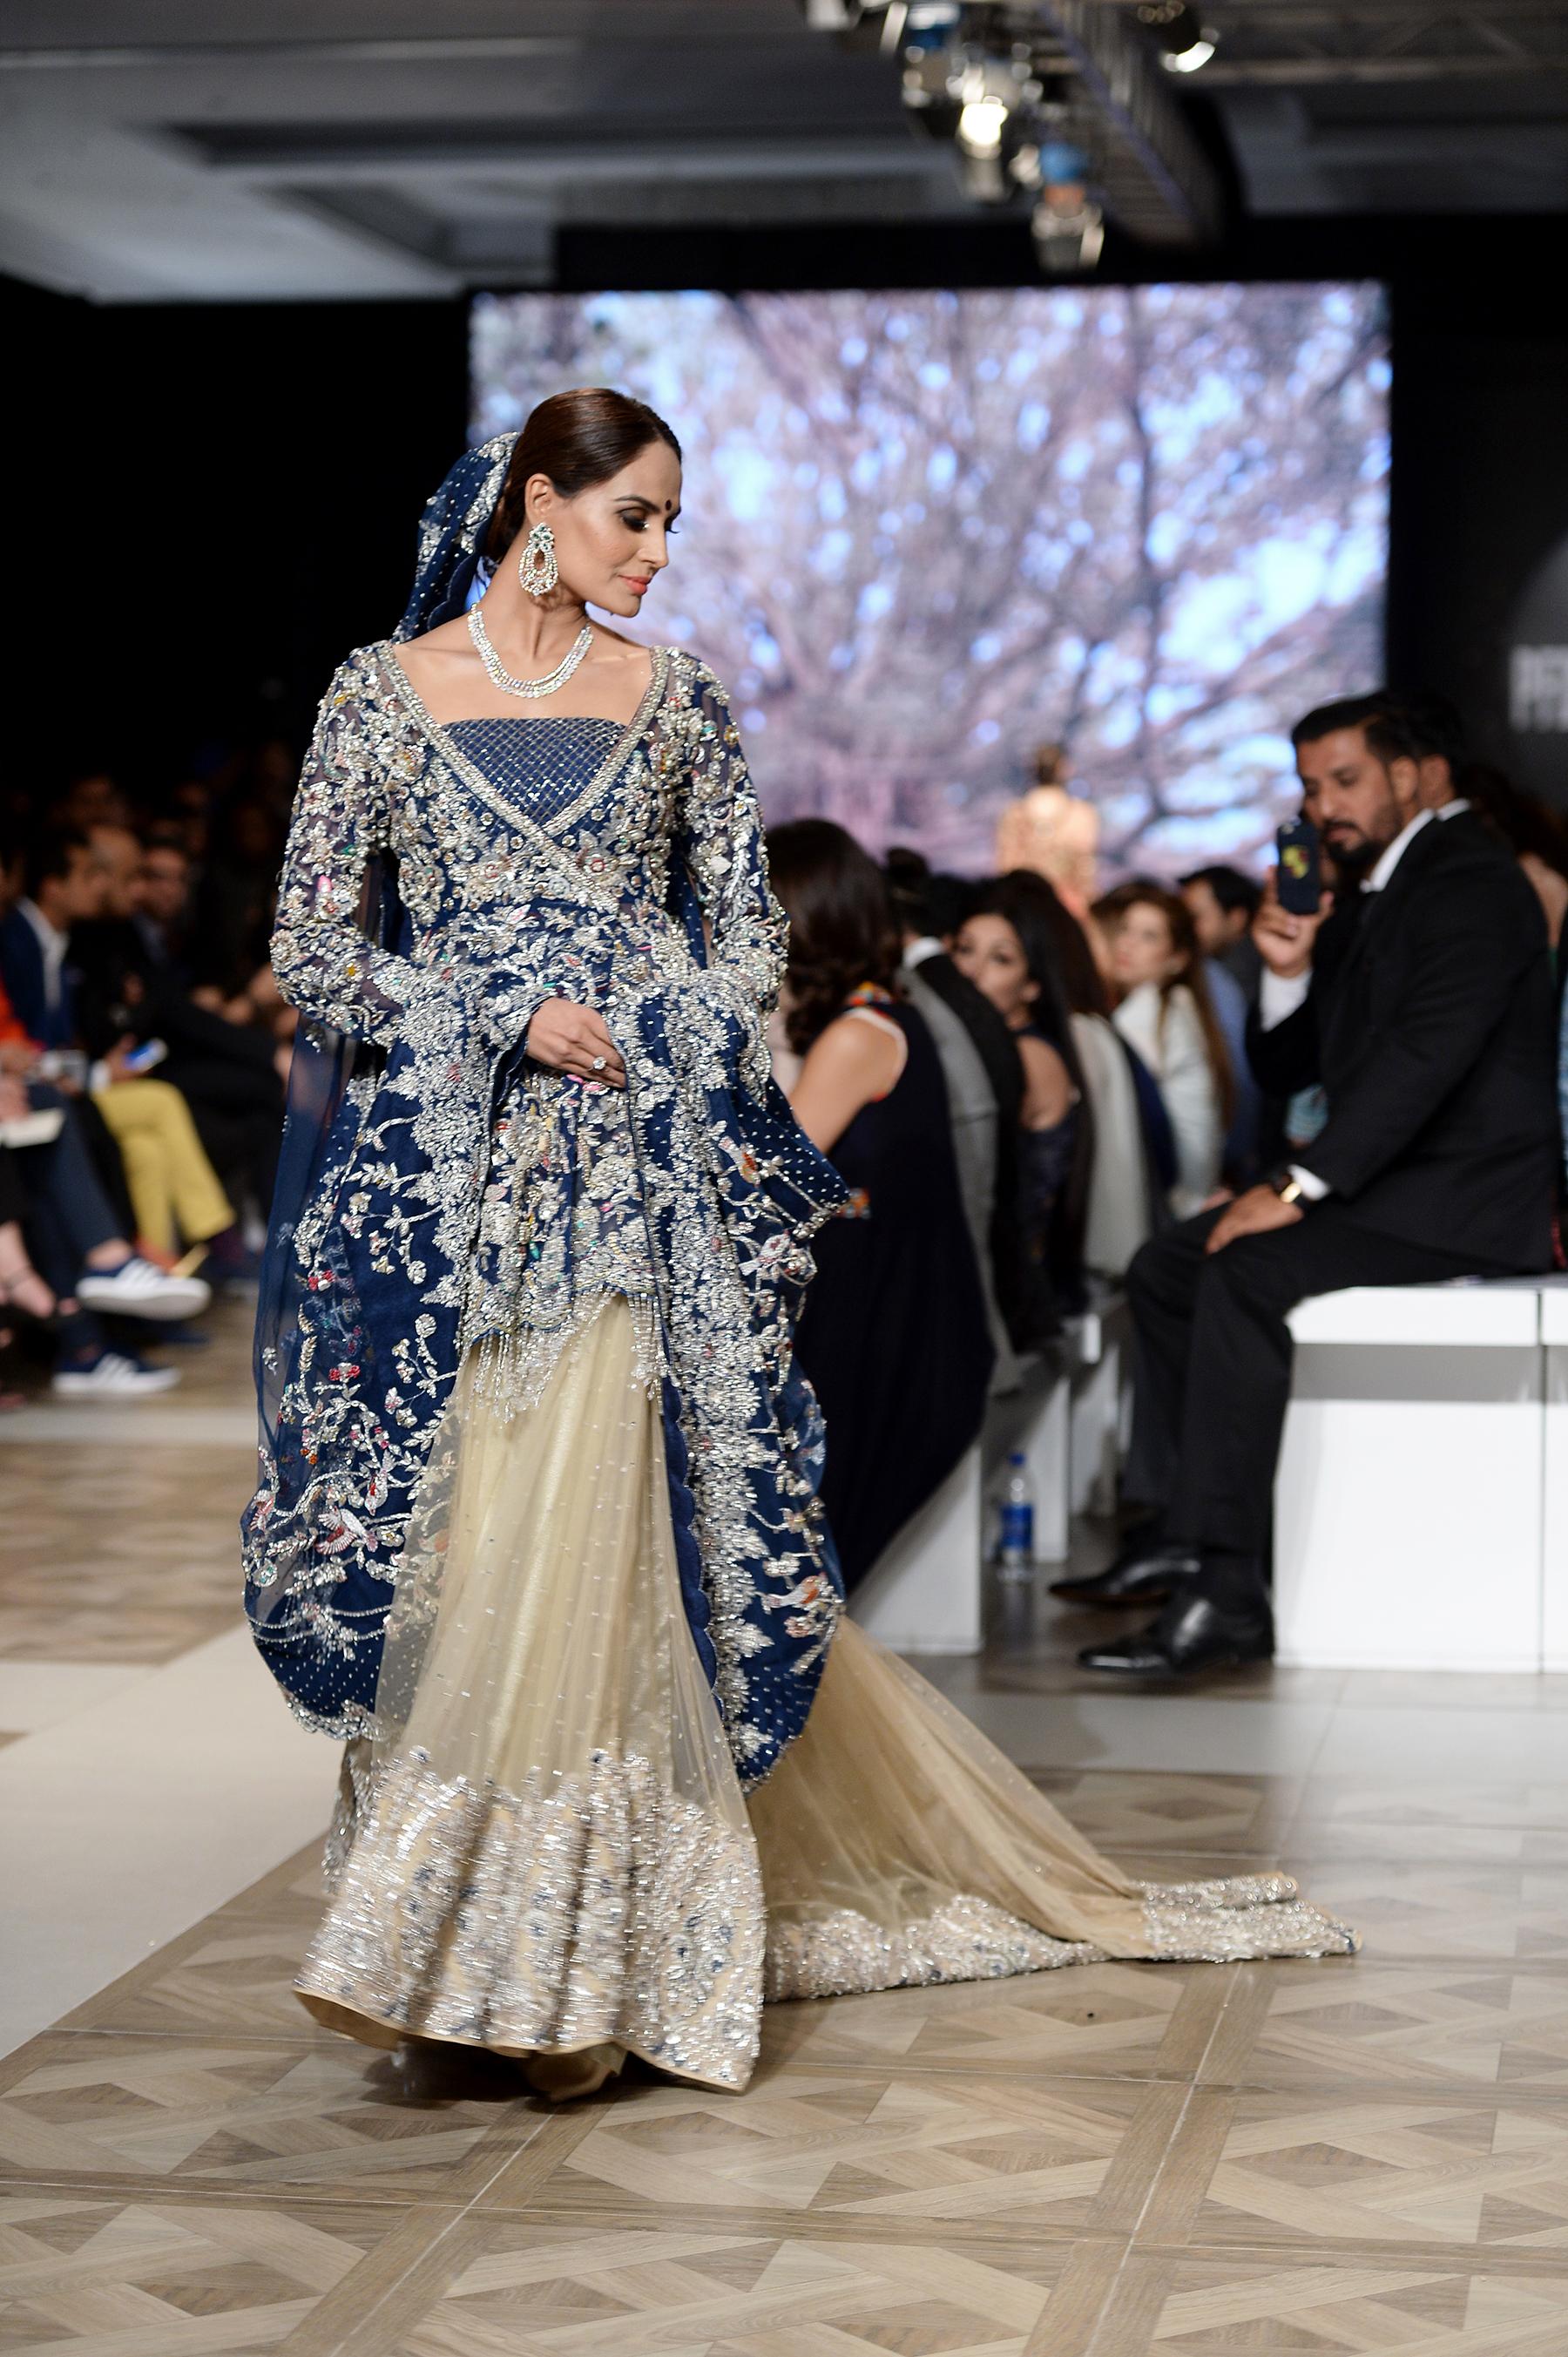 Shamsha Hashwani - PFDC L'Oréal Paris Bridal Week 2017 - Photography by Faisal Farooqui and his team at DragonFly